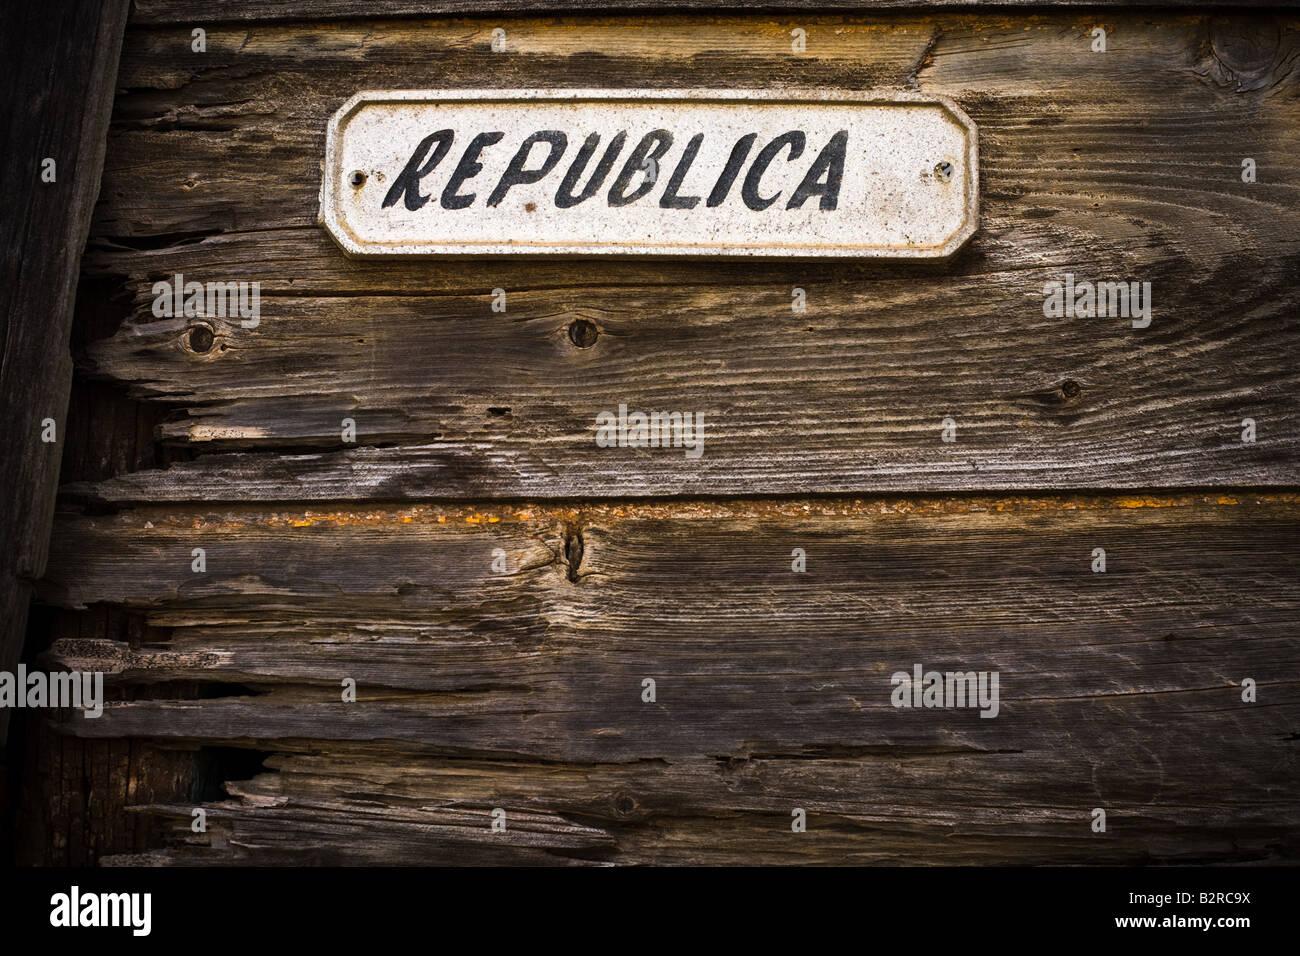 Signo que indica el nombre de la calle Republica en Baracoa, Cuba Imagen De Stock